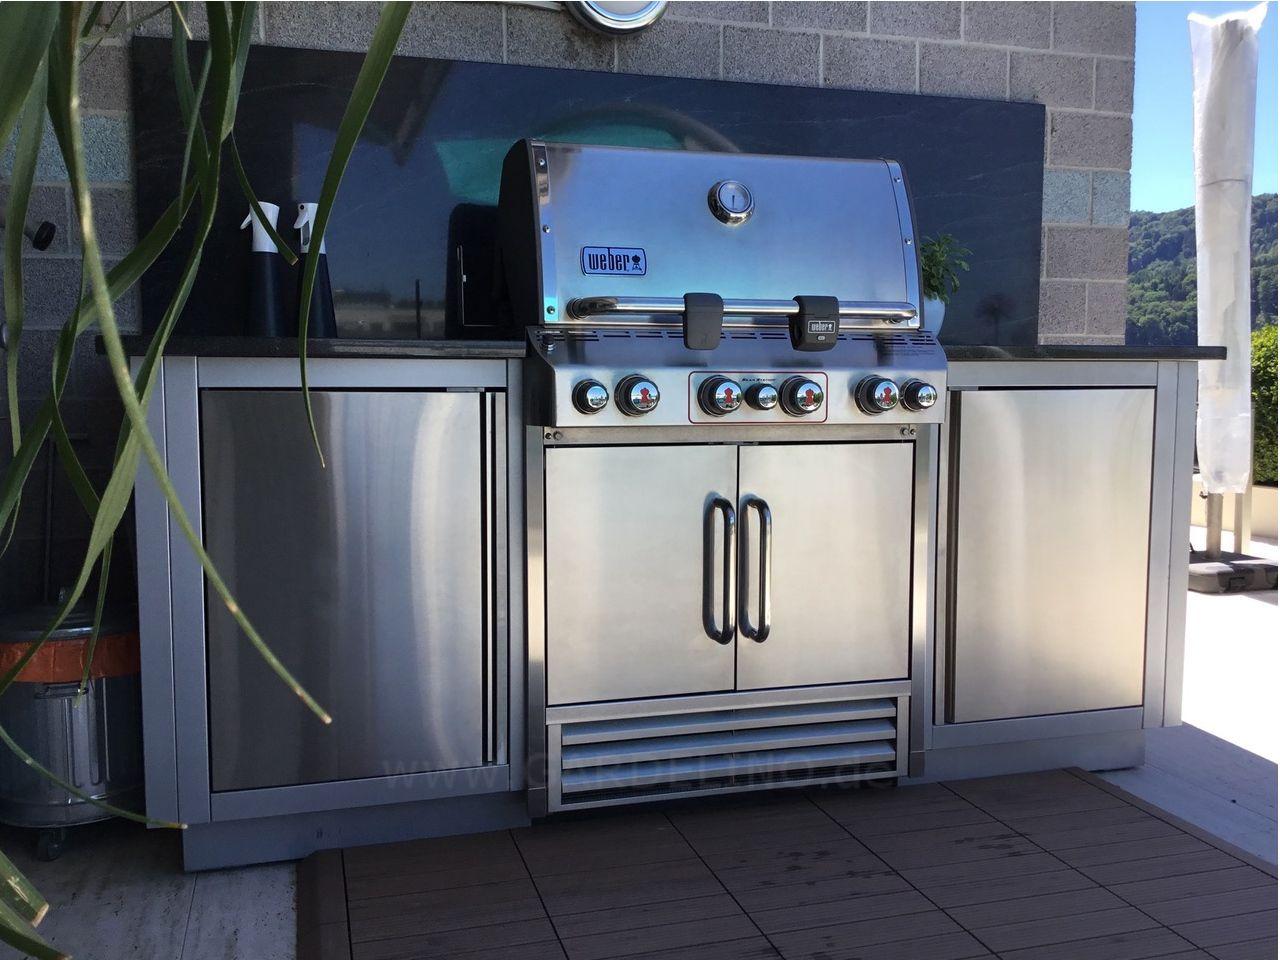 Aussenkuchensystem Oasis Von Napoelon Mit Einbaugrill Outdoor Kitchen System Oasis By Napoleon With Eingebauter Grill Kochen Im Freien Design Fur Aussenkuche